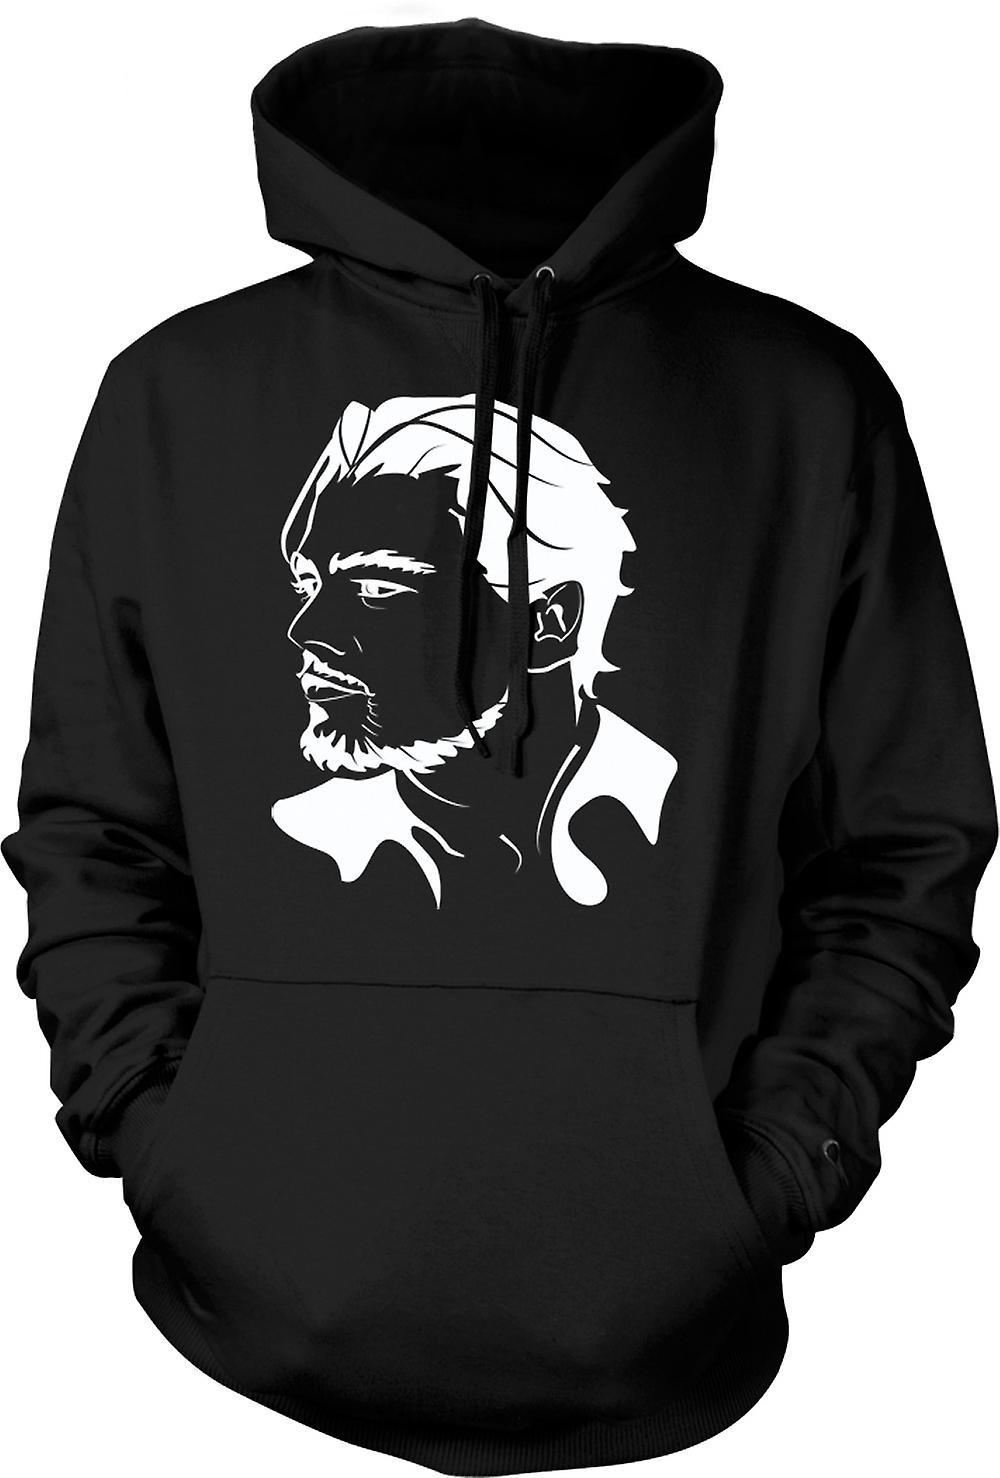 Mens Hoodie - Leonardo Dicaprio porträtt